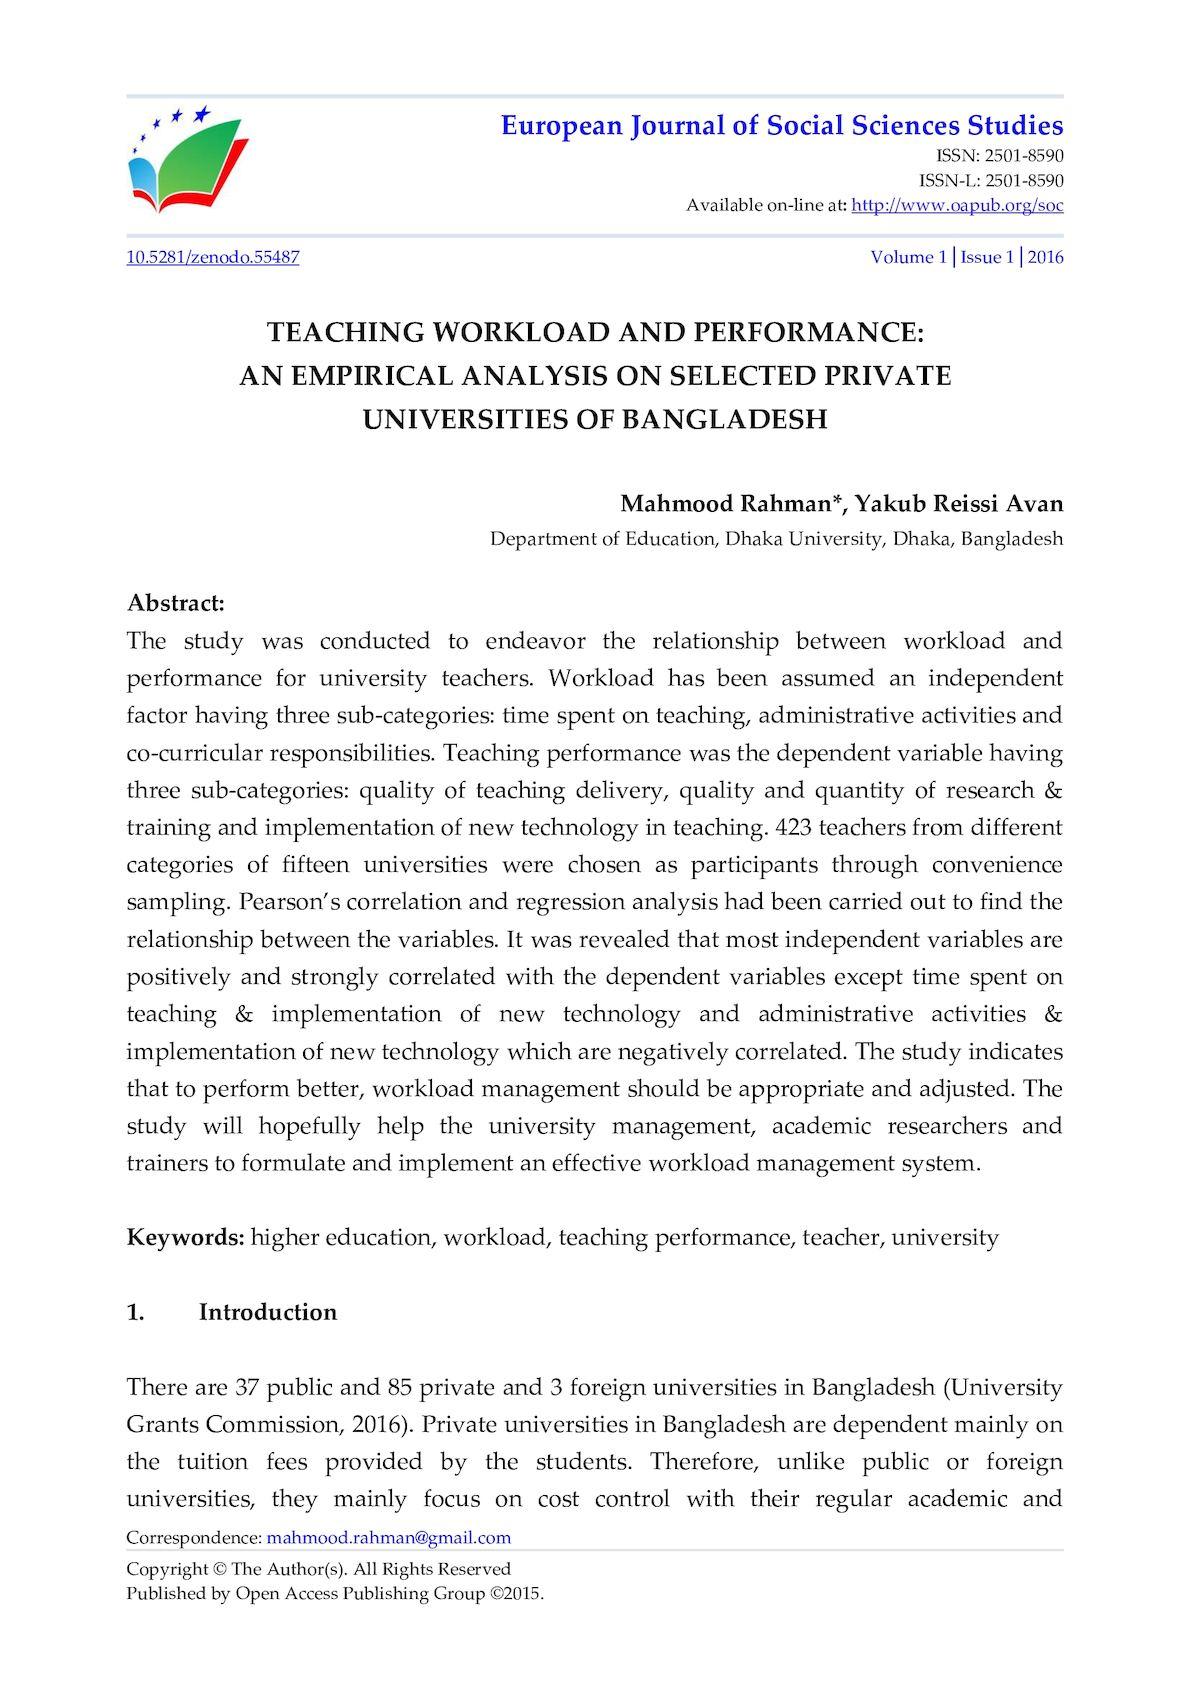 Calaméo - TEACHING WORKLOAD AND PERFORMANCE: AN EMPIRICAL ANALYSIS